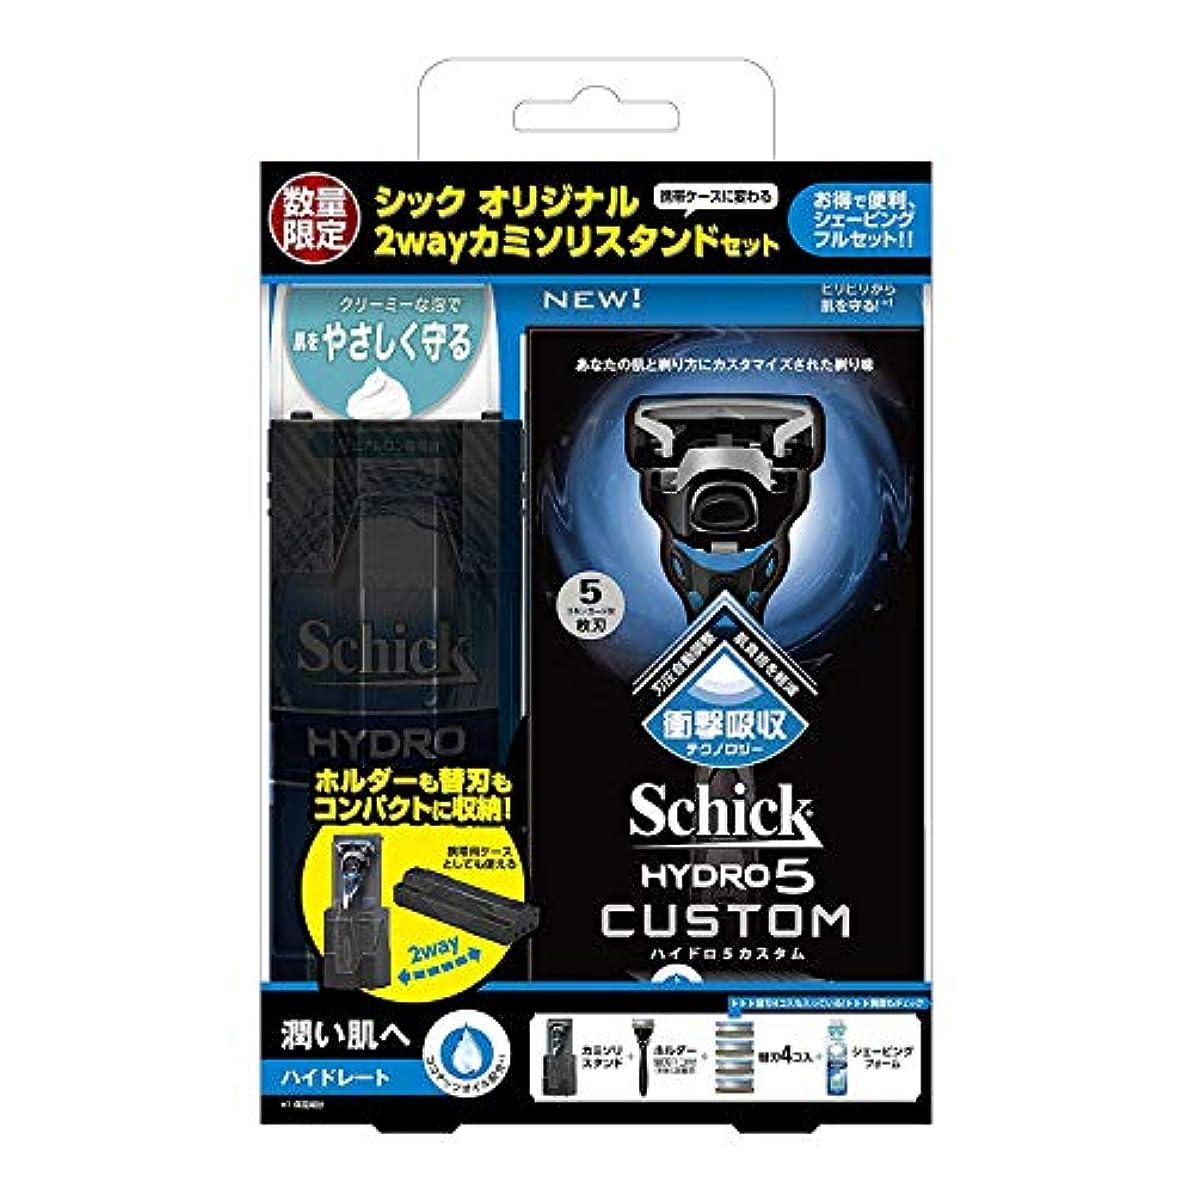 野球ところで隣接するシック Schick 5枚刃 ハイドロ5 カスタム ハイドレート スペシャルパック 替刃5コ付 (替刃は本体に装着済み) 男性 カミソリ